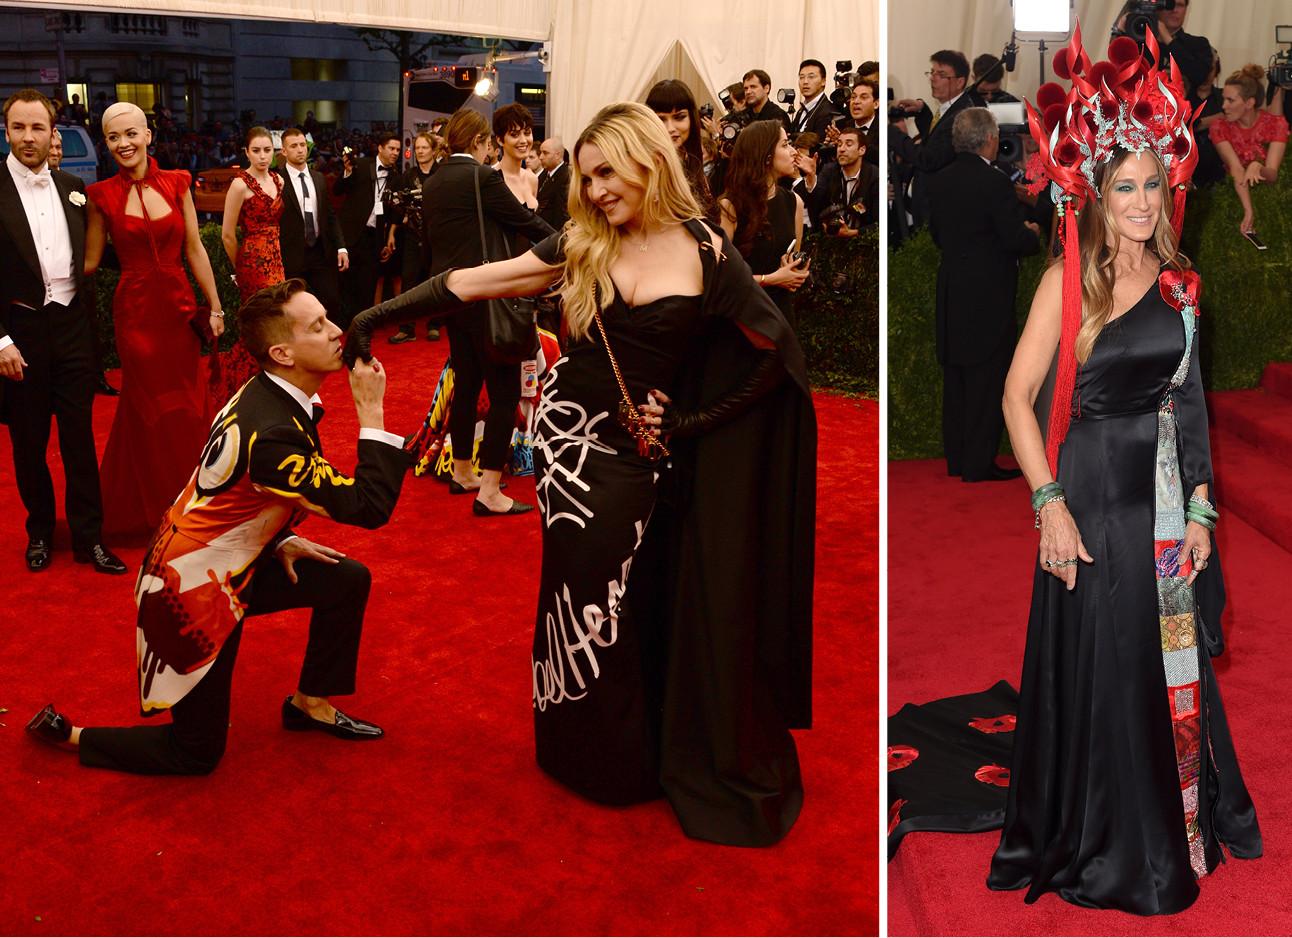 beelden van iconische momenten van het jaarlijke MET gala